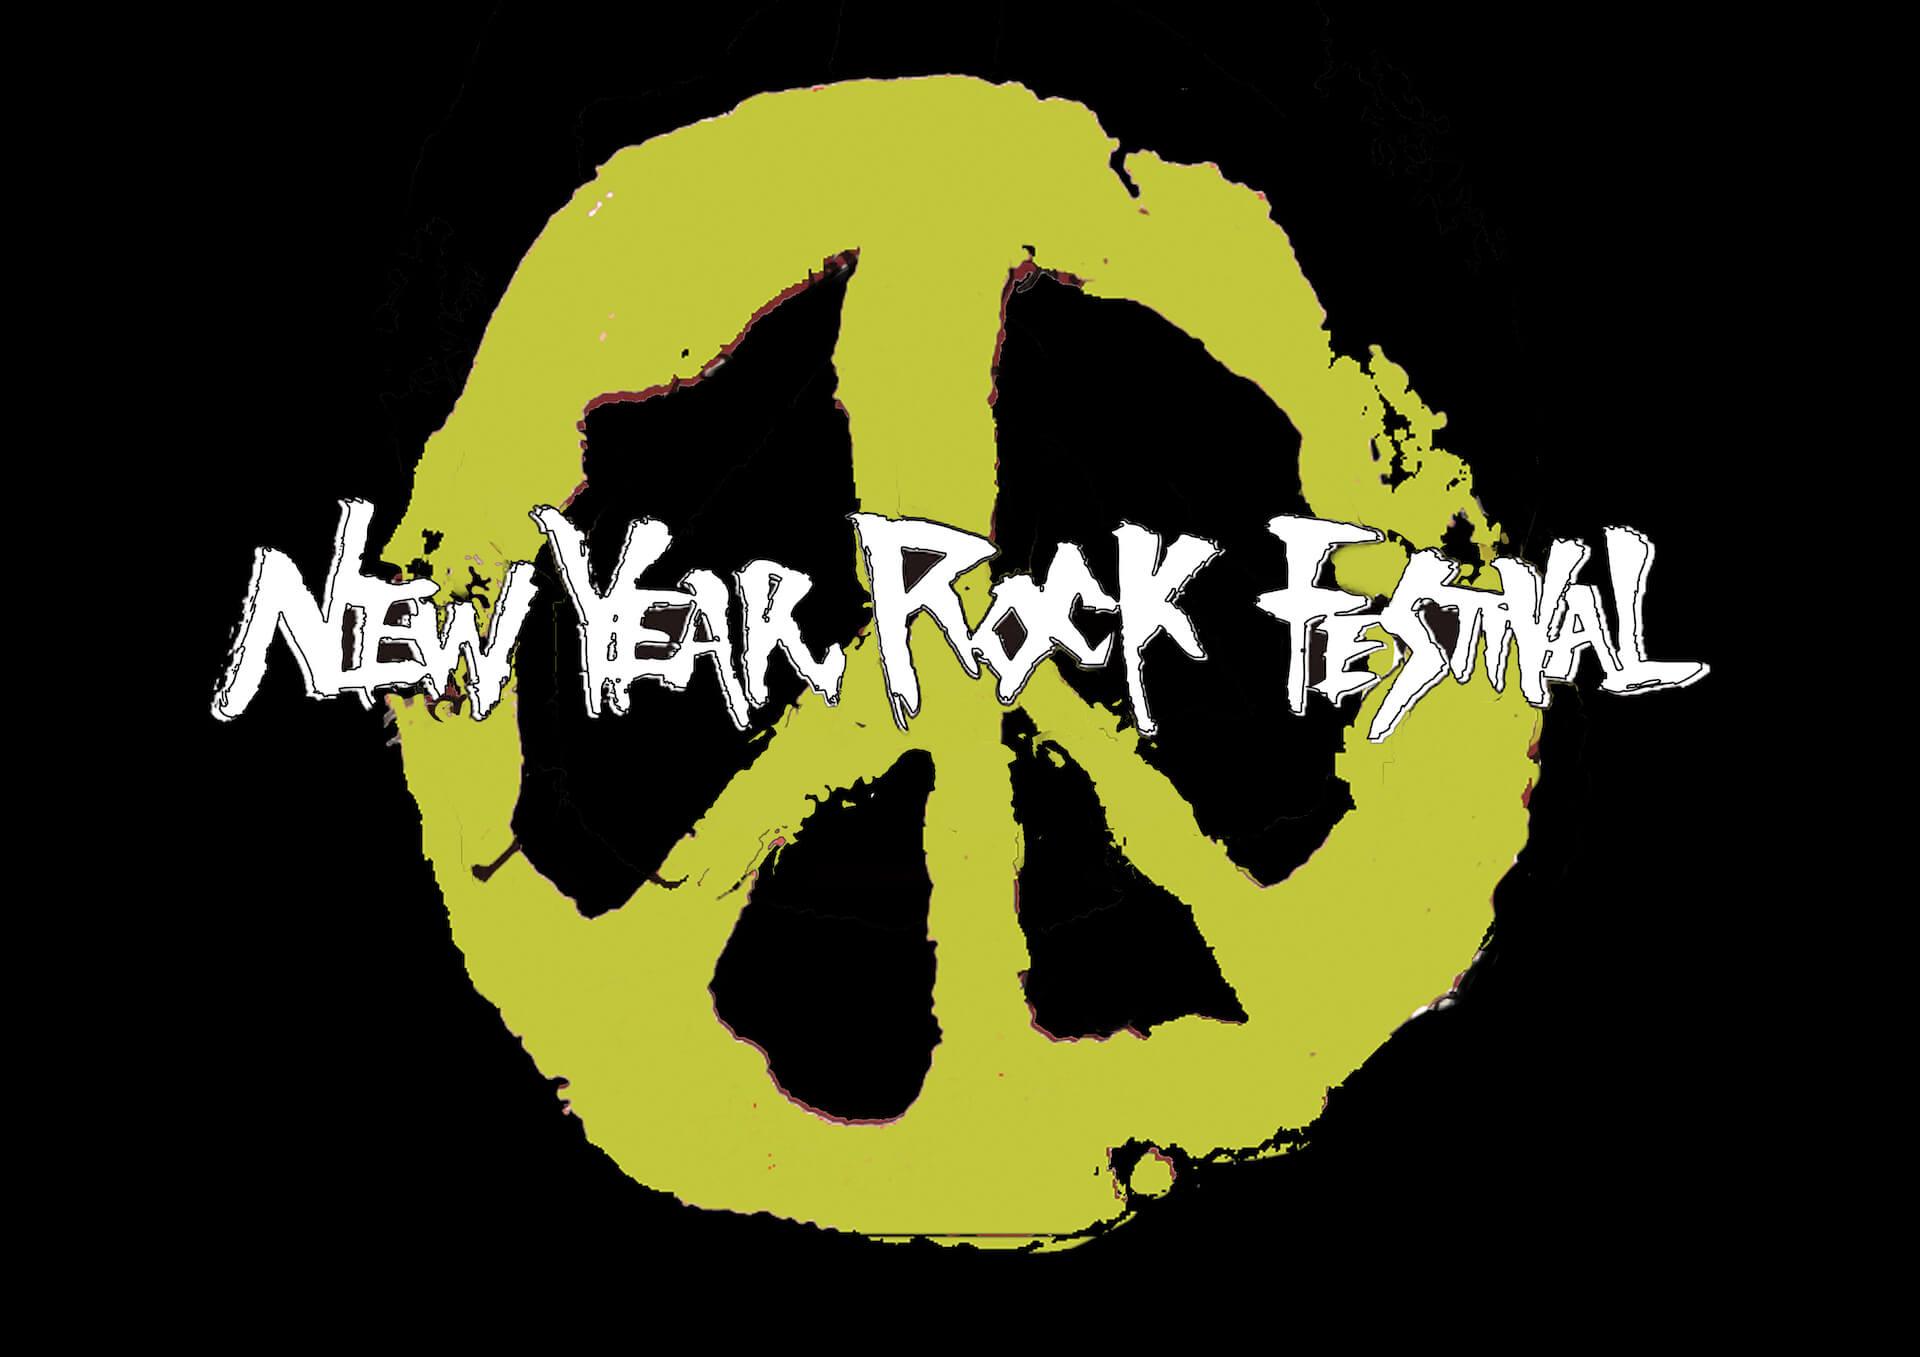 無観客生配信ライブ<47+1 新生 New Year Rock Festival>が開催決定!Zeebra、シーナ&ロケッツ、仲野茂らが出演 music2020102_N.Y.R.F_7